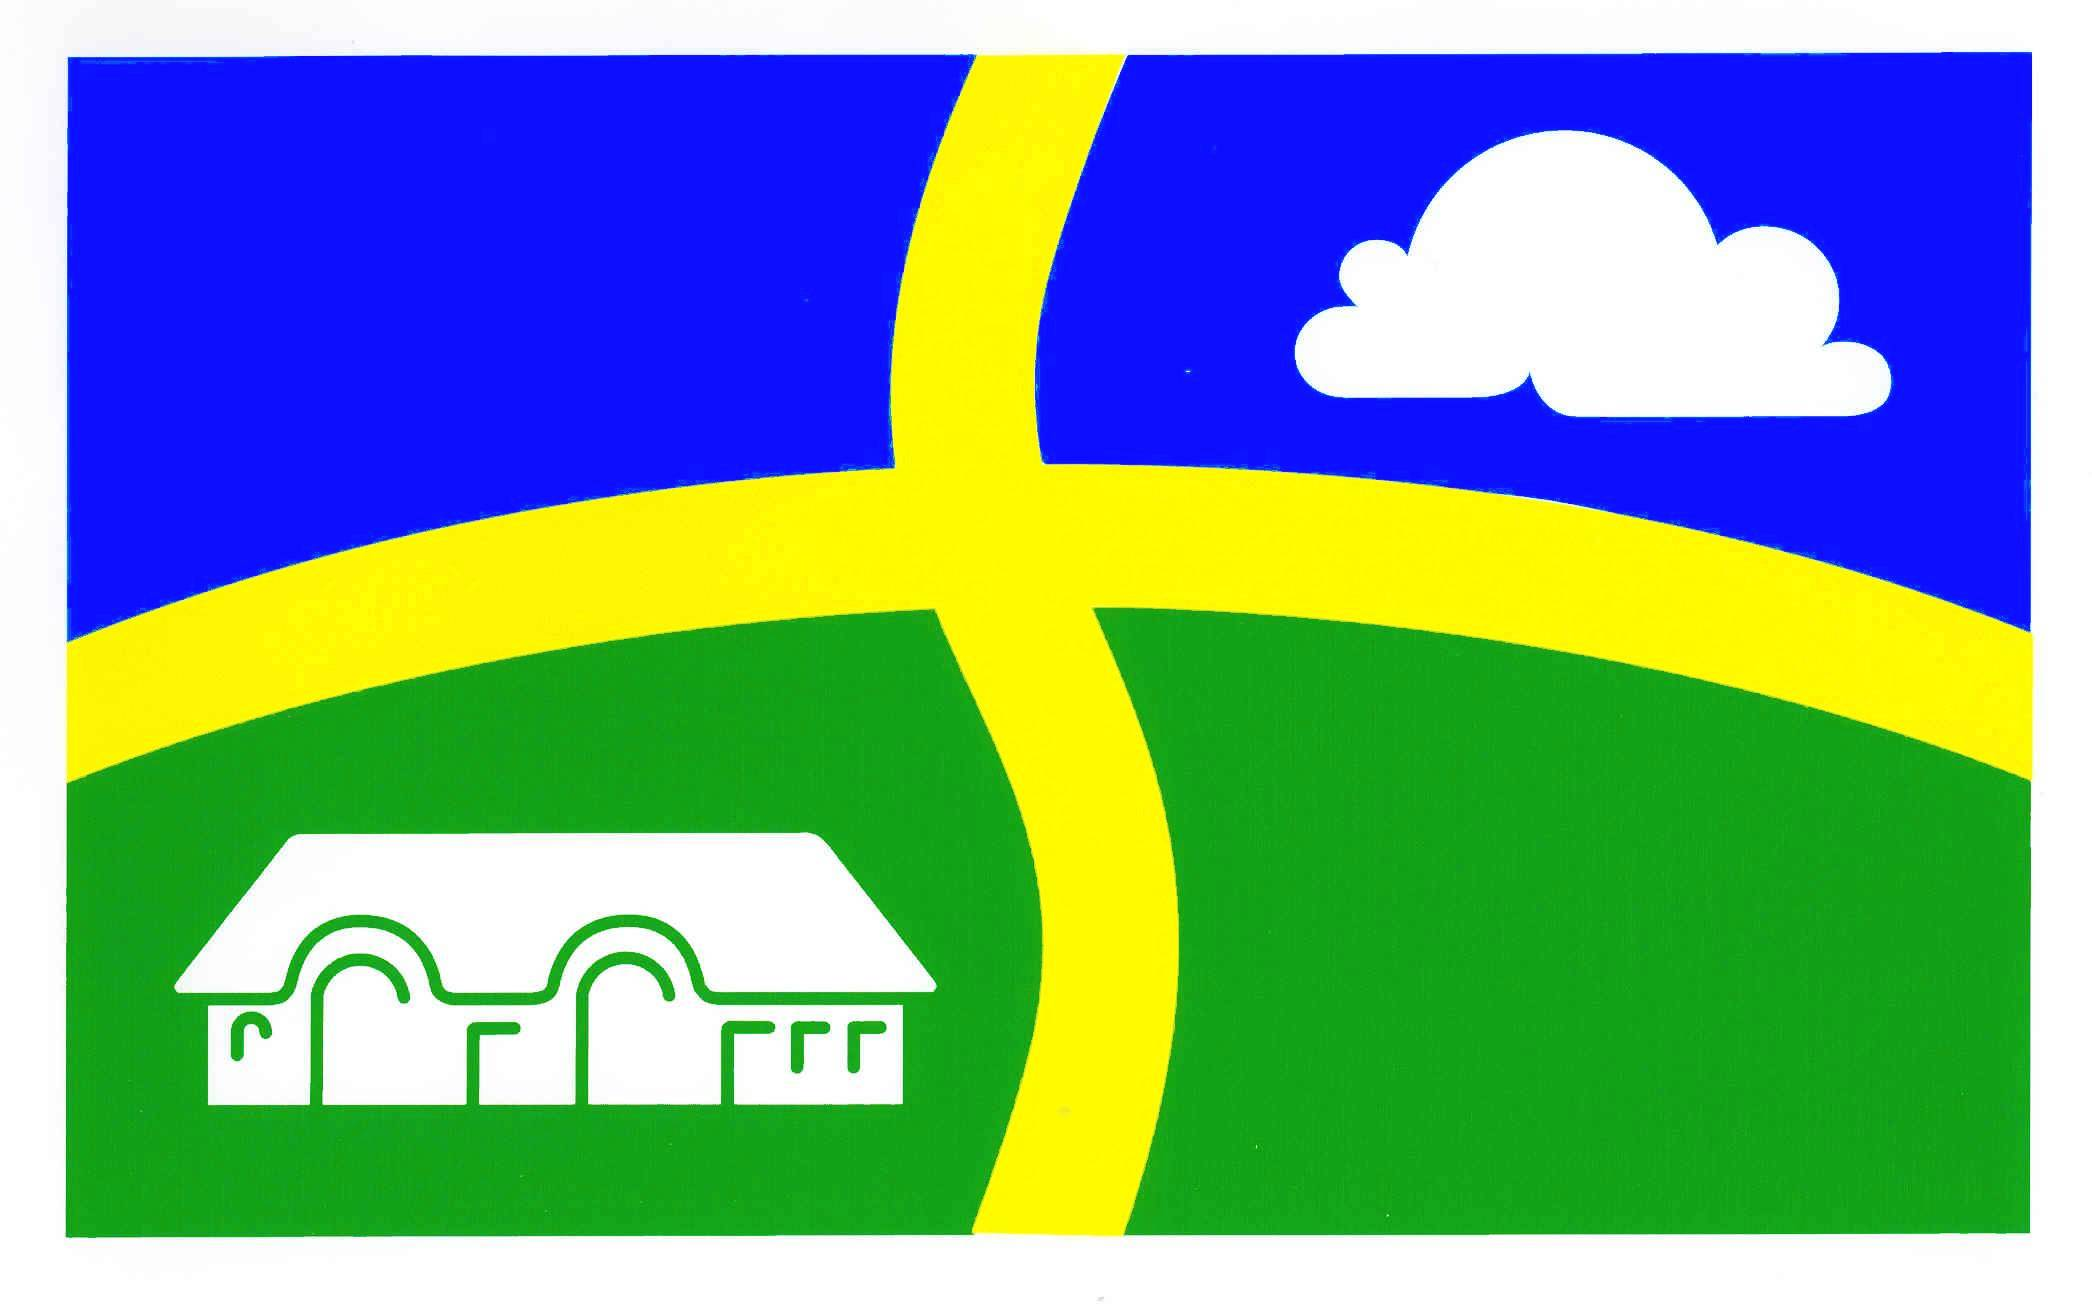 Flagge GemeindeVollstedt, Kreis Nordfriesland